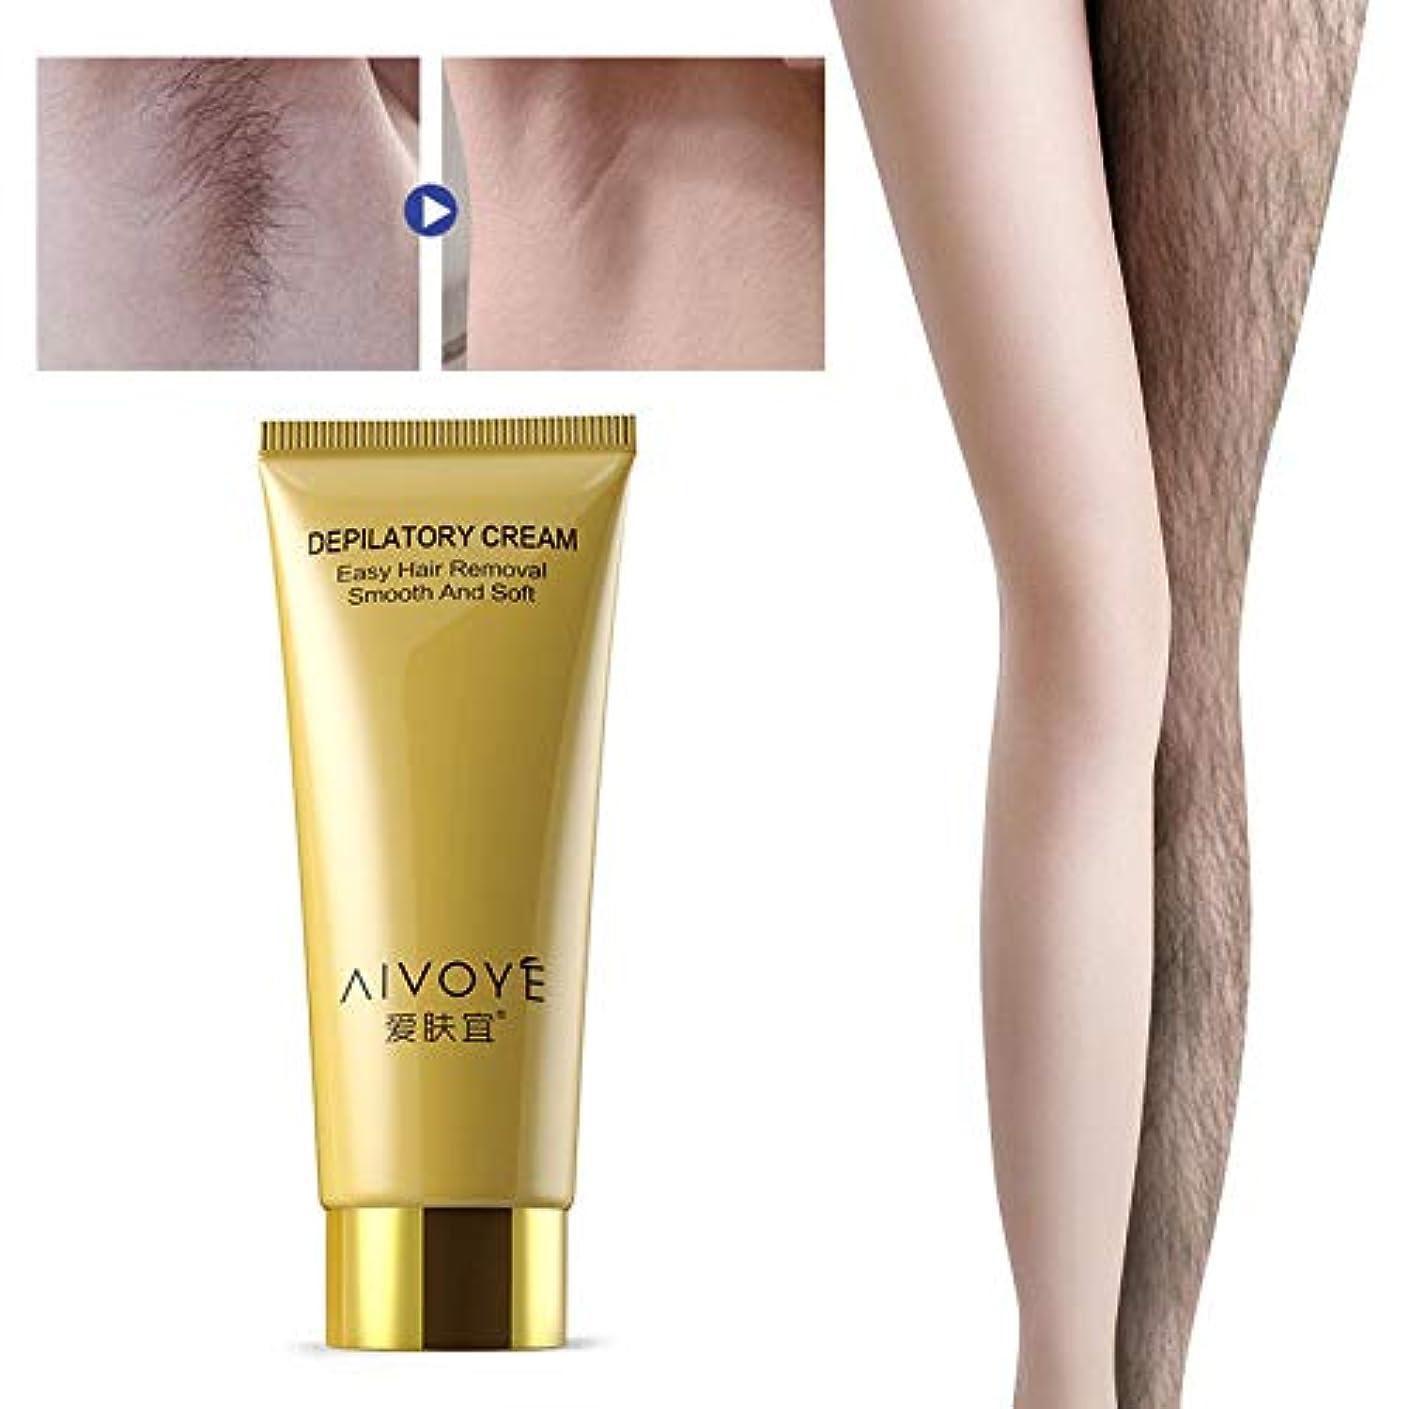 形状はさみ科学Rabugoo 60g男性女性安全な痛みを抑える脱毛クリーム脚の体のための滑らかな肌の脱毛クリーム